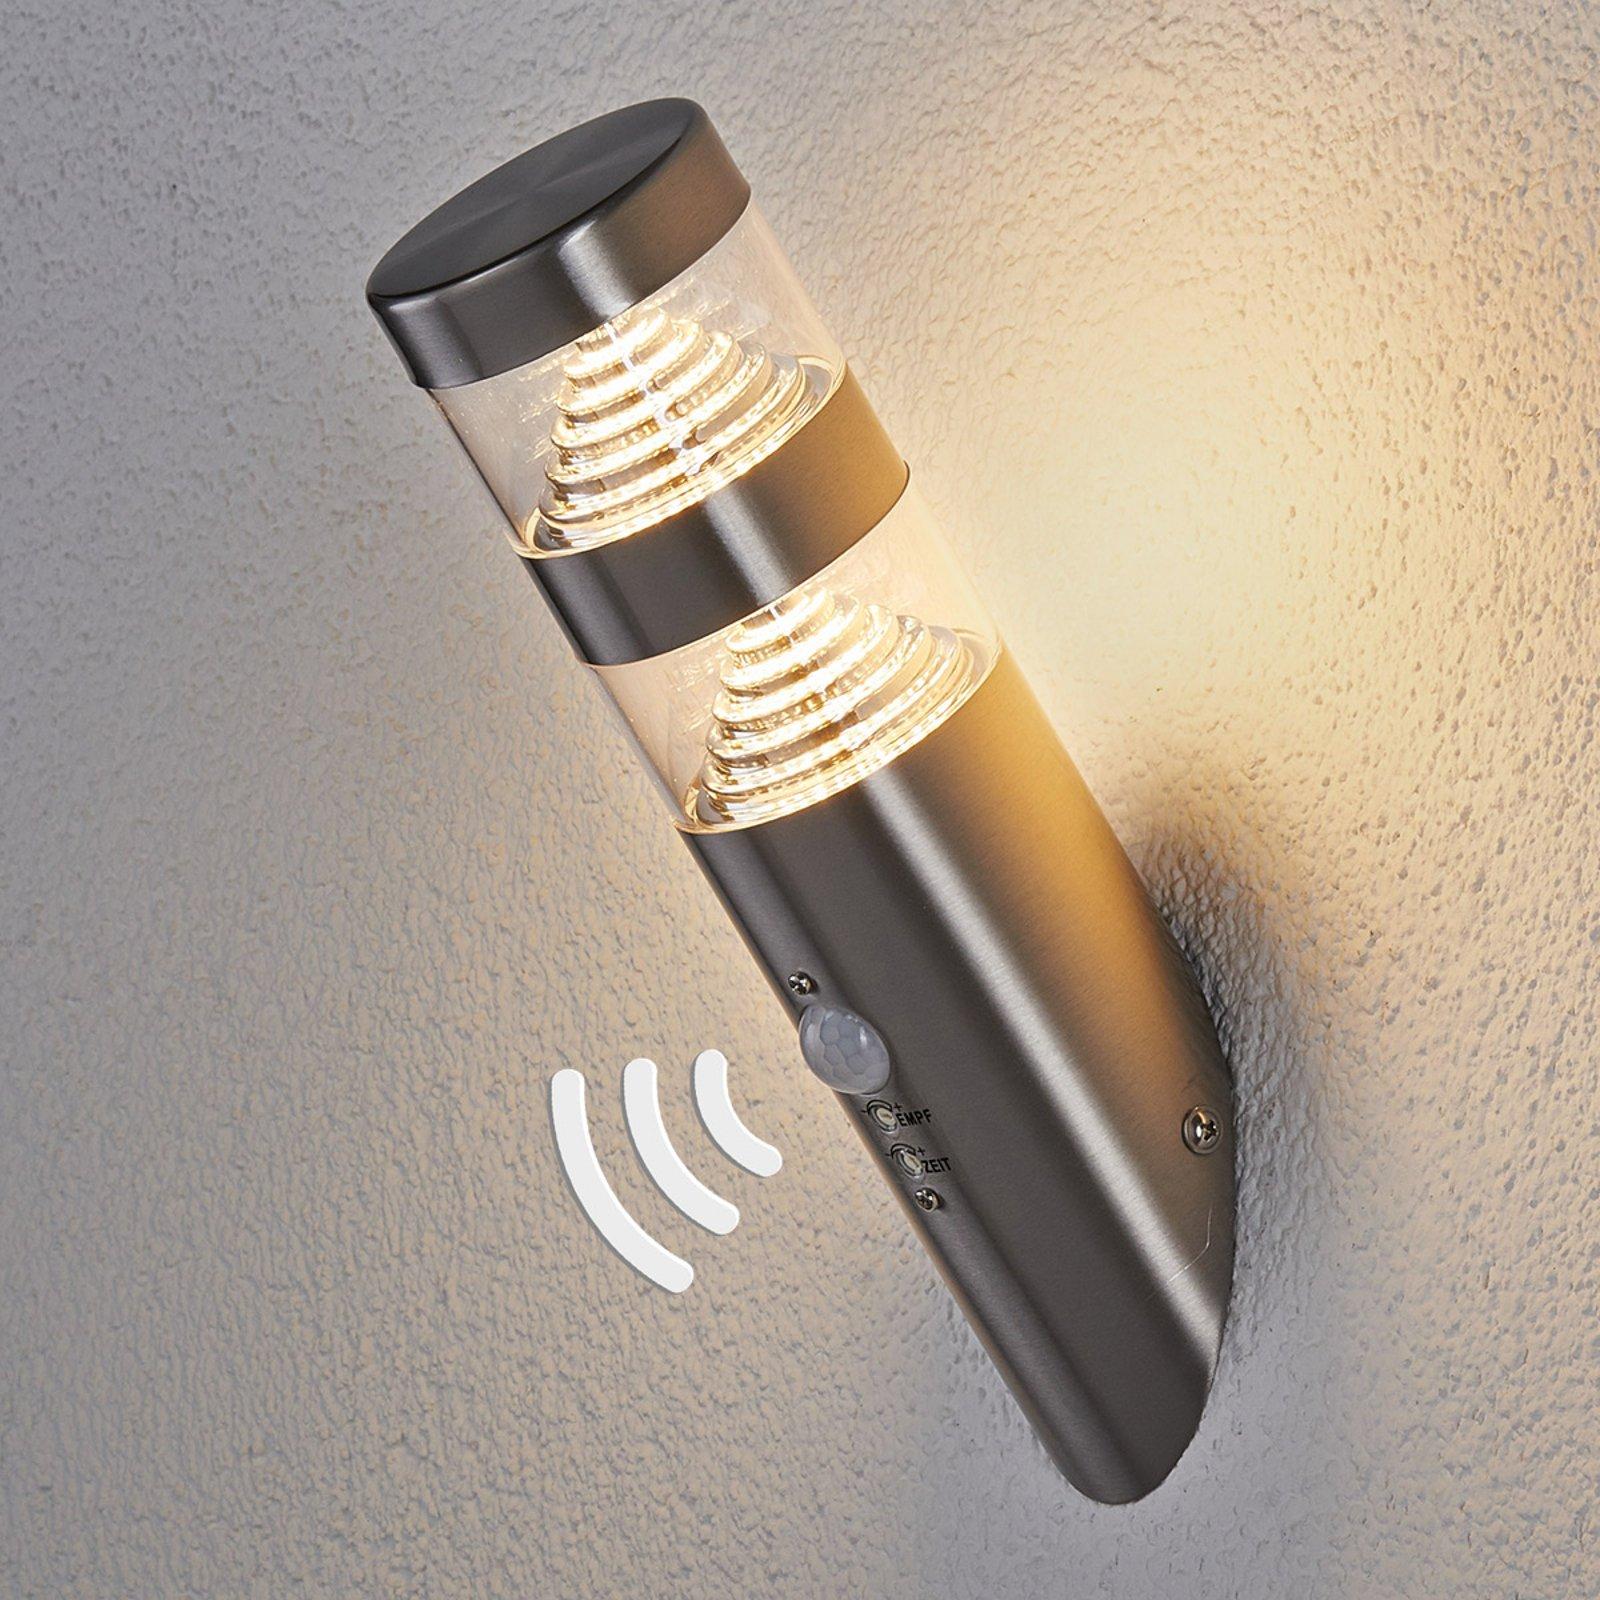 LED-utendørs vegglampe Lanea skrå sensor